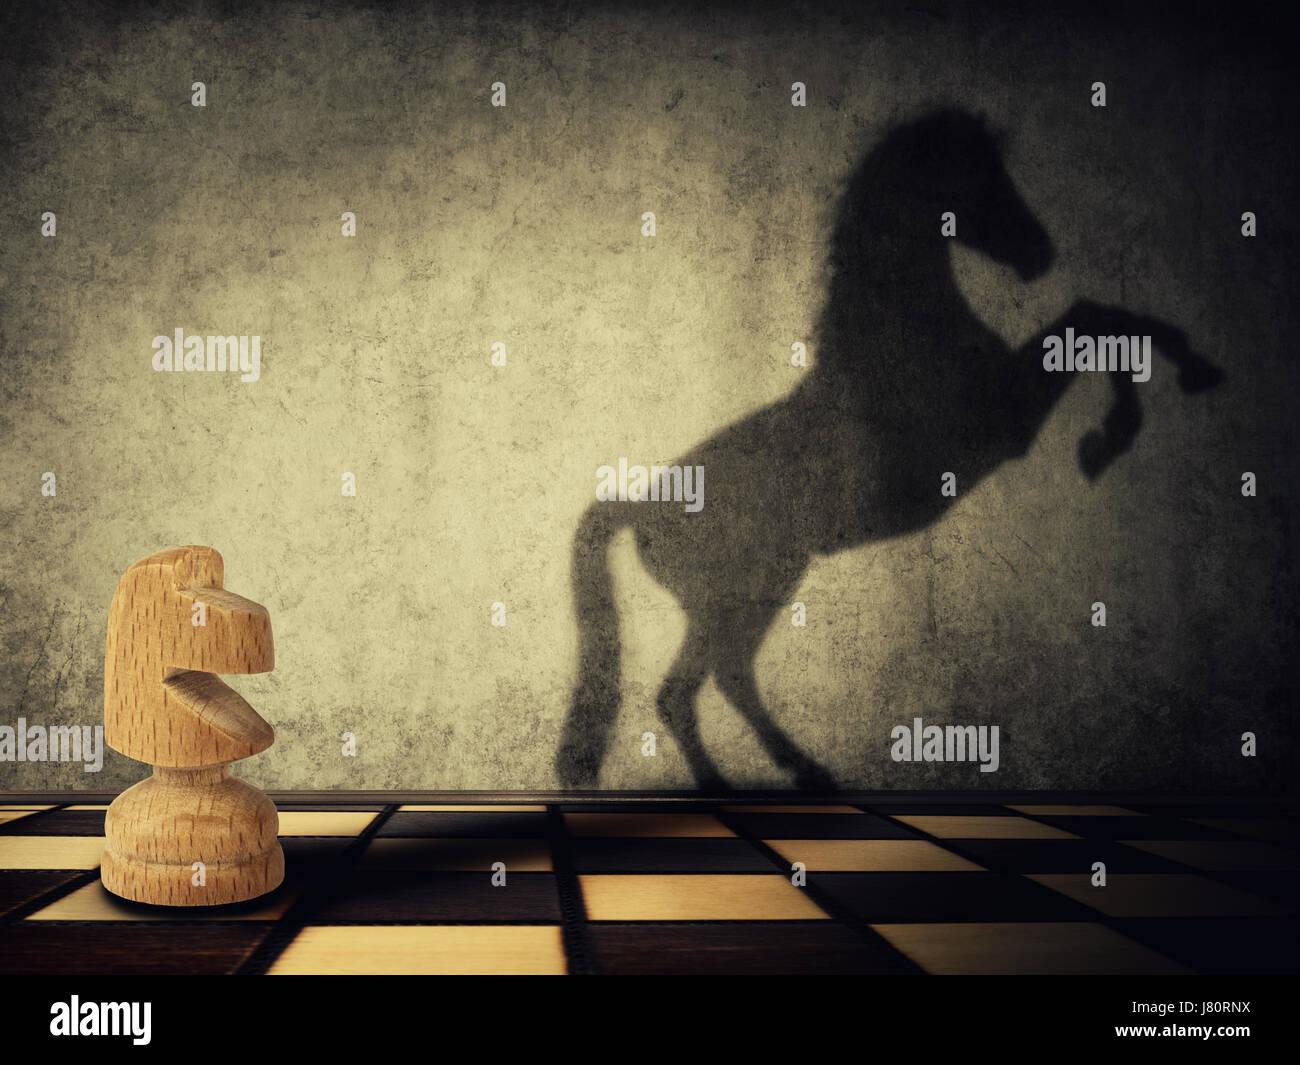 Transformación mágica como una pieza de ajedrez Knight de madera una sombra de un caballo salvaje sobre dos piernas Foto de stock